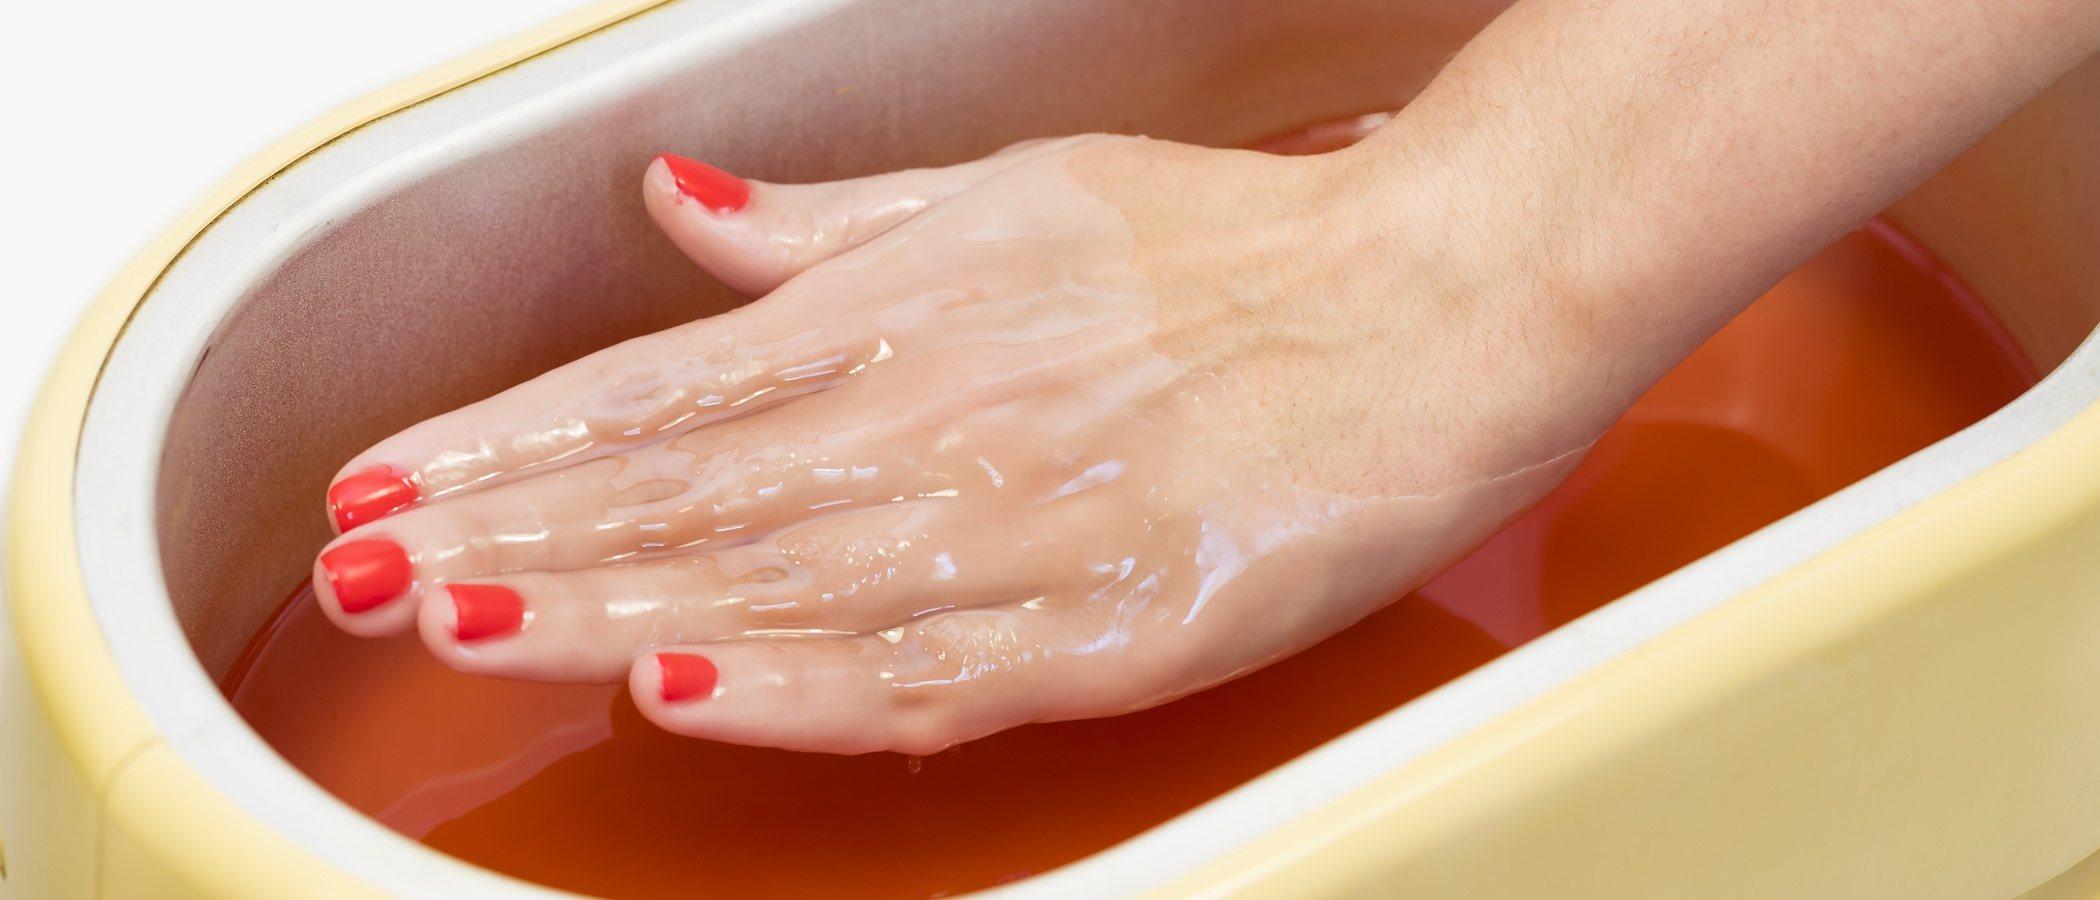 Tratamiento con parafina para hidratar manos y pies